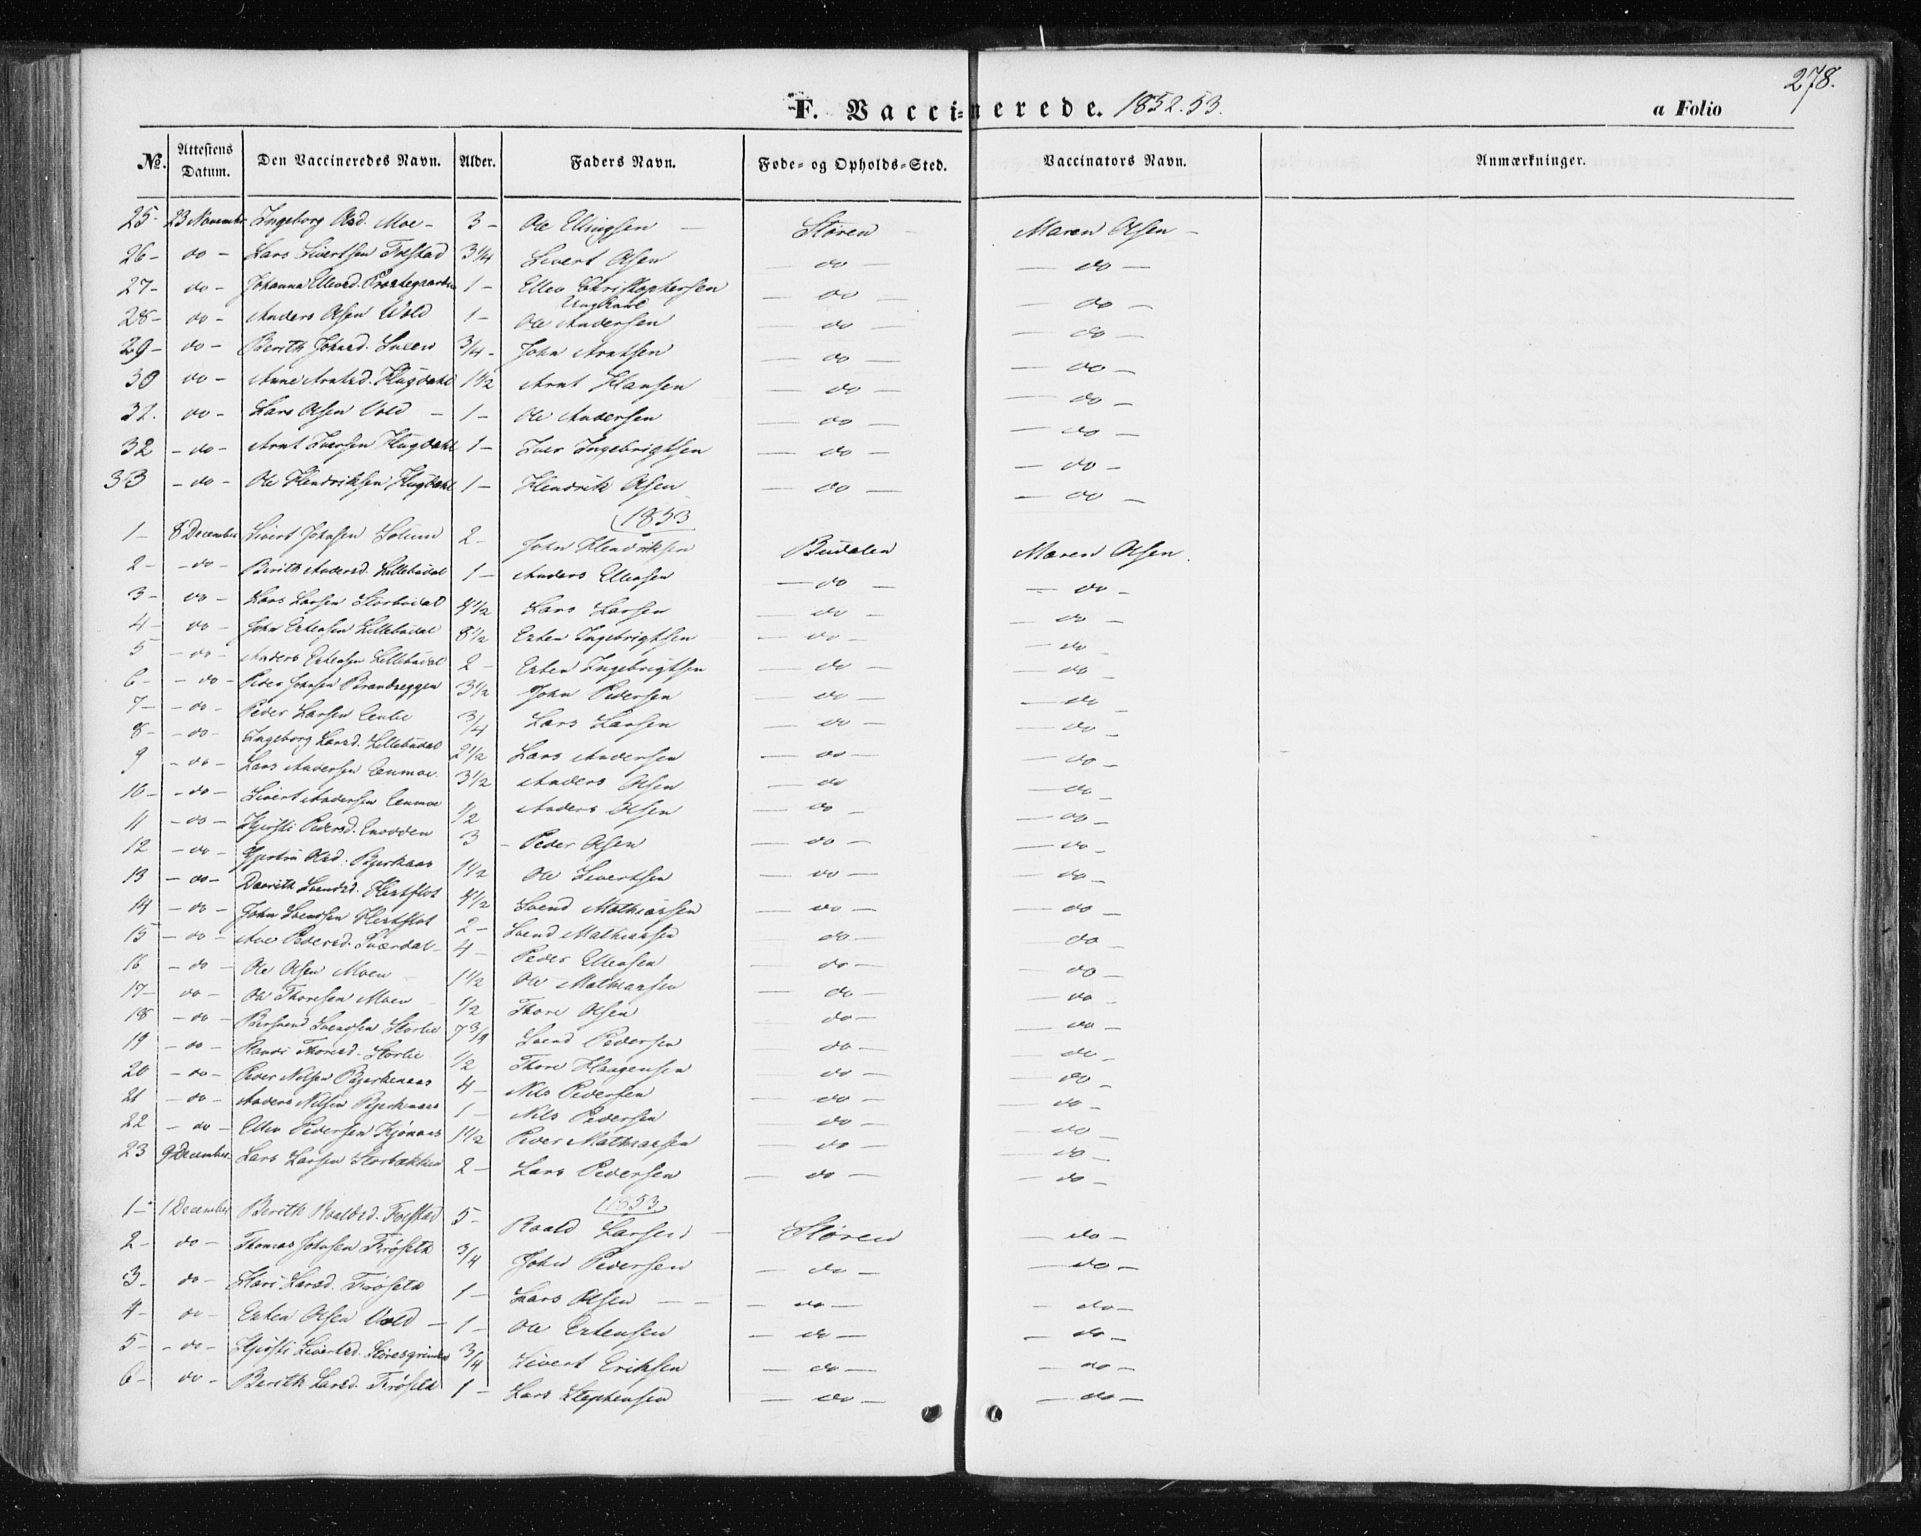 SAT, Ministerialprotokoller, klokkerbøker og fødselsregistre - Sør-Trøndelag, 687/L1000: Ministerialbok nr. 687A06, 1848-1869, s. 278